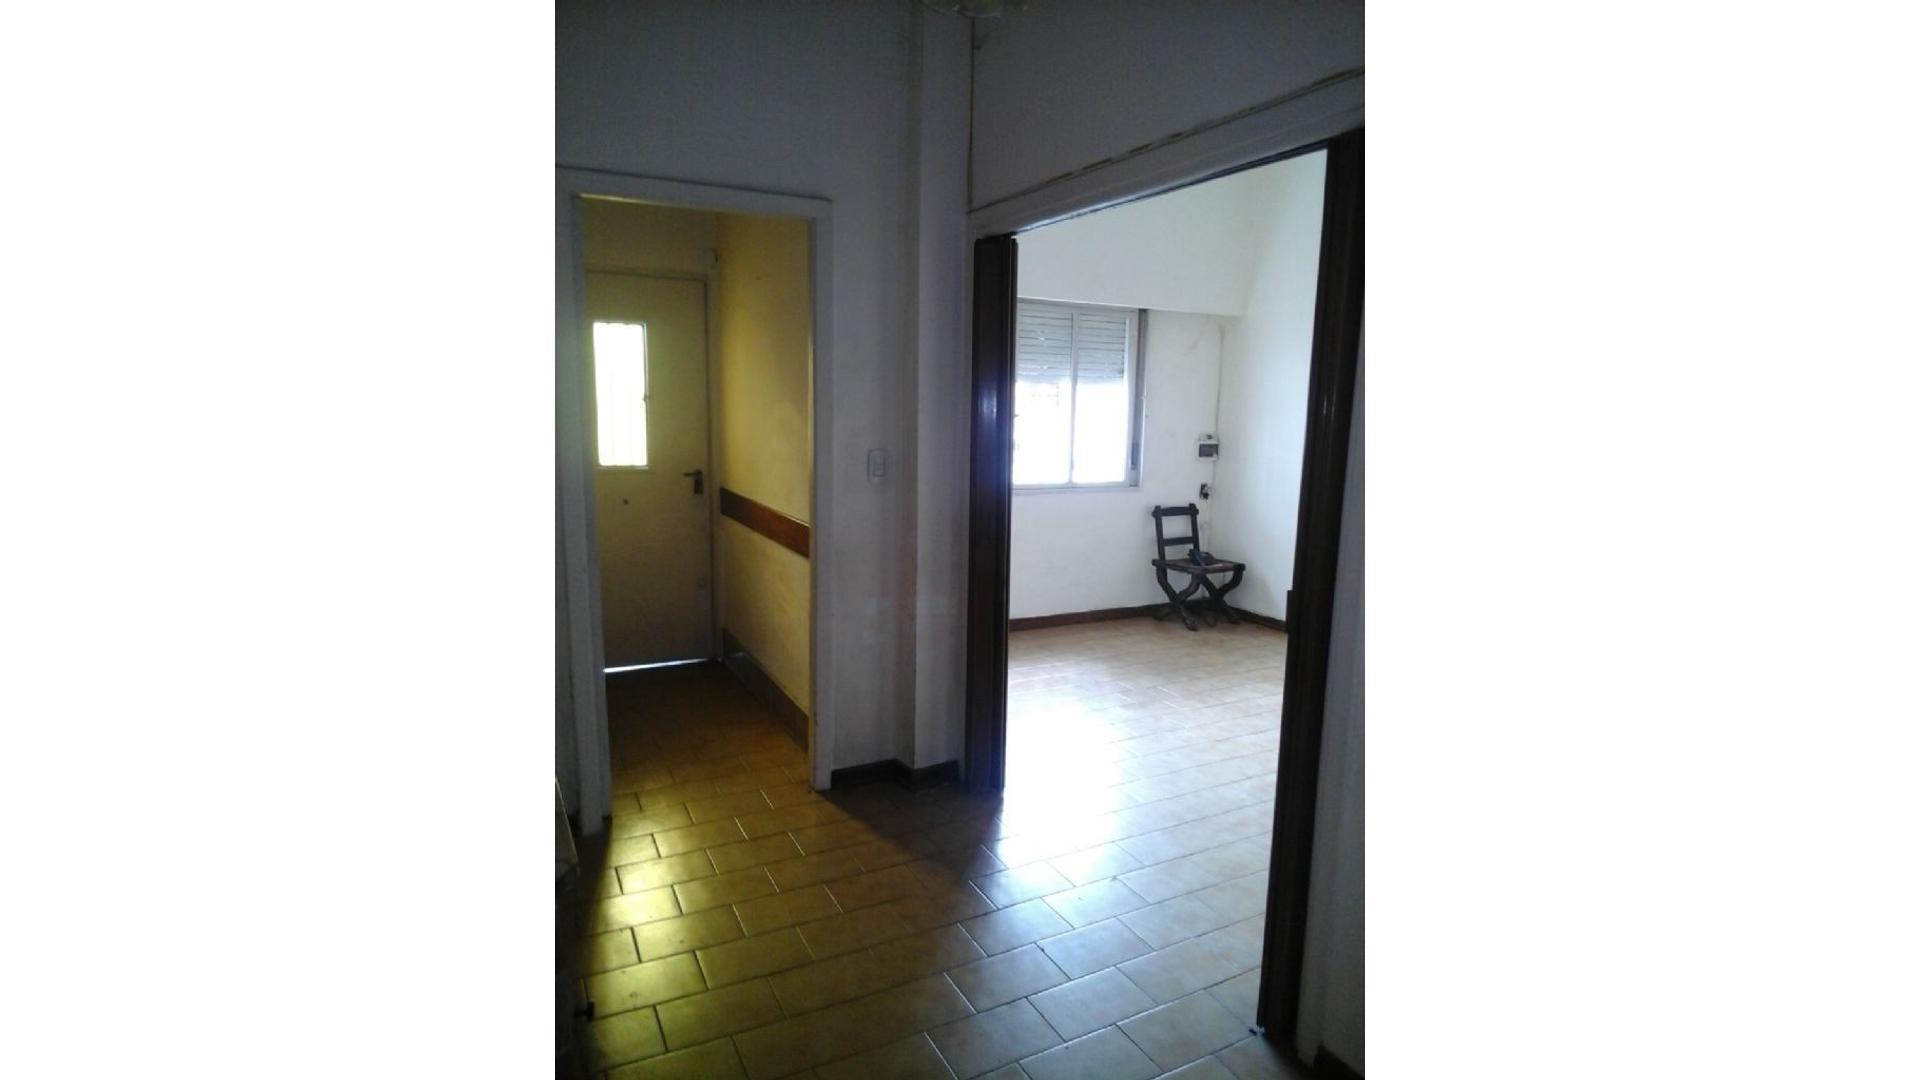 Casa  en Venta ubicado en Flores, Capital Federal - CAB0180_LP120304_2